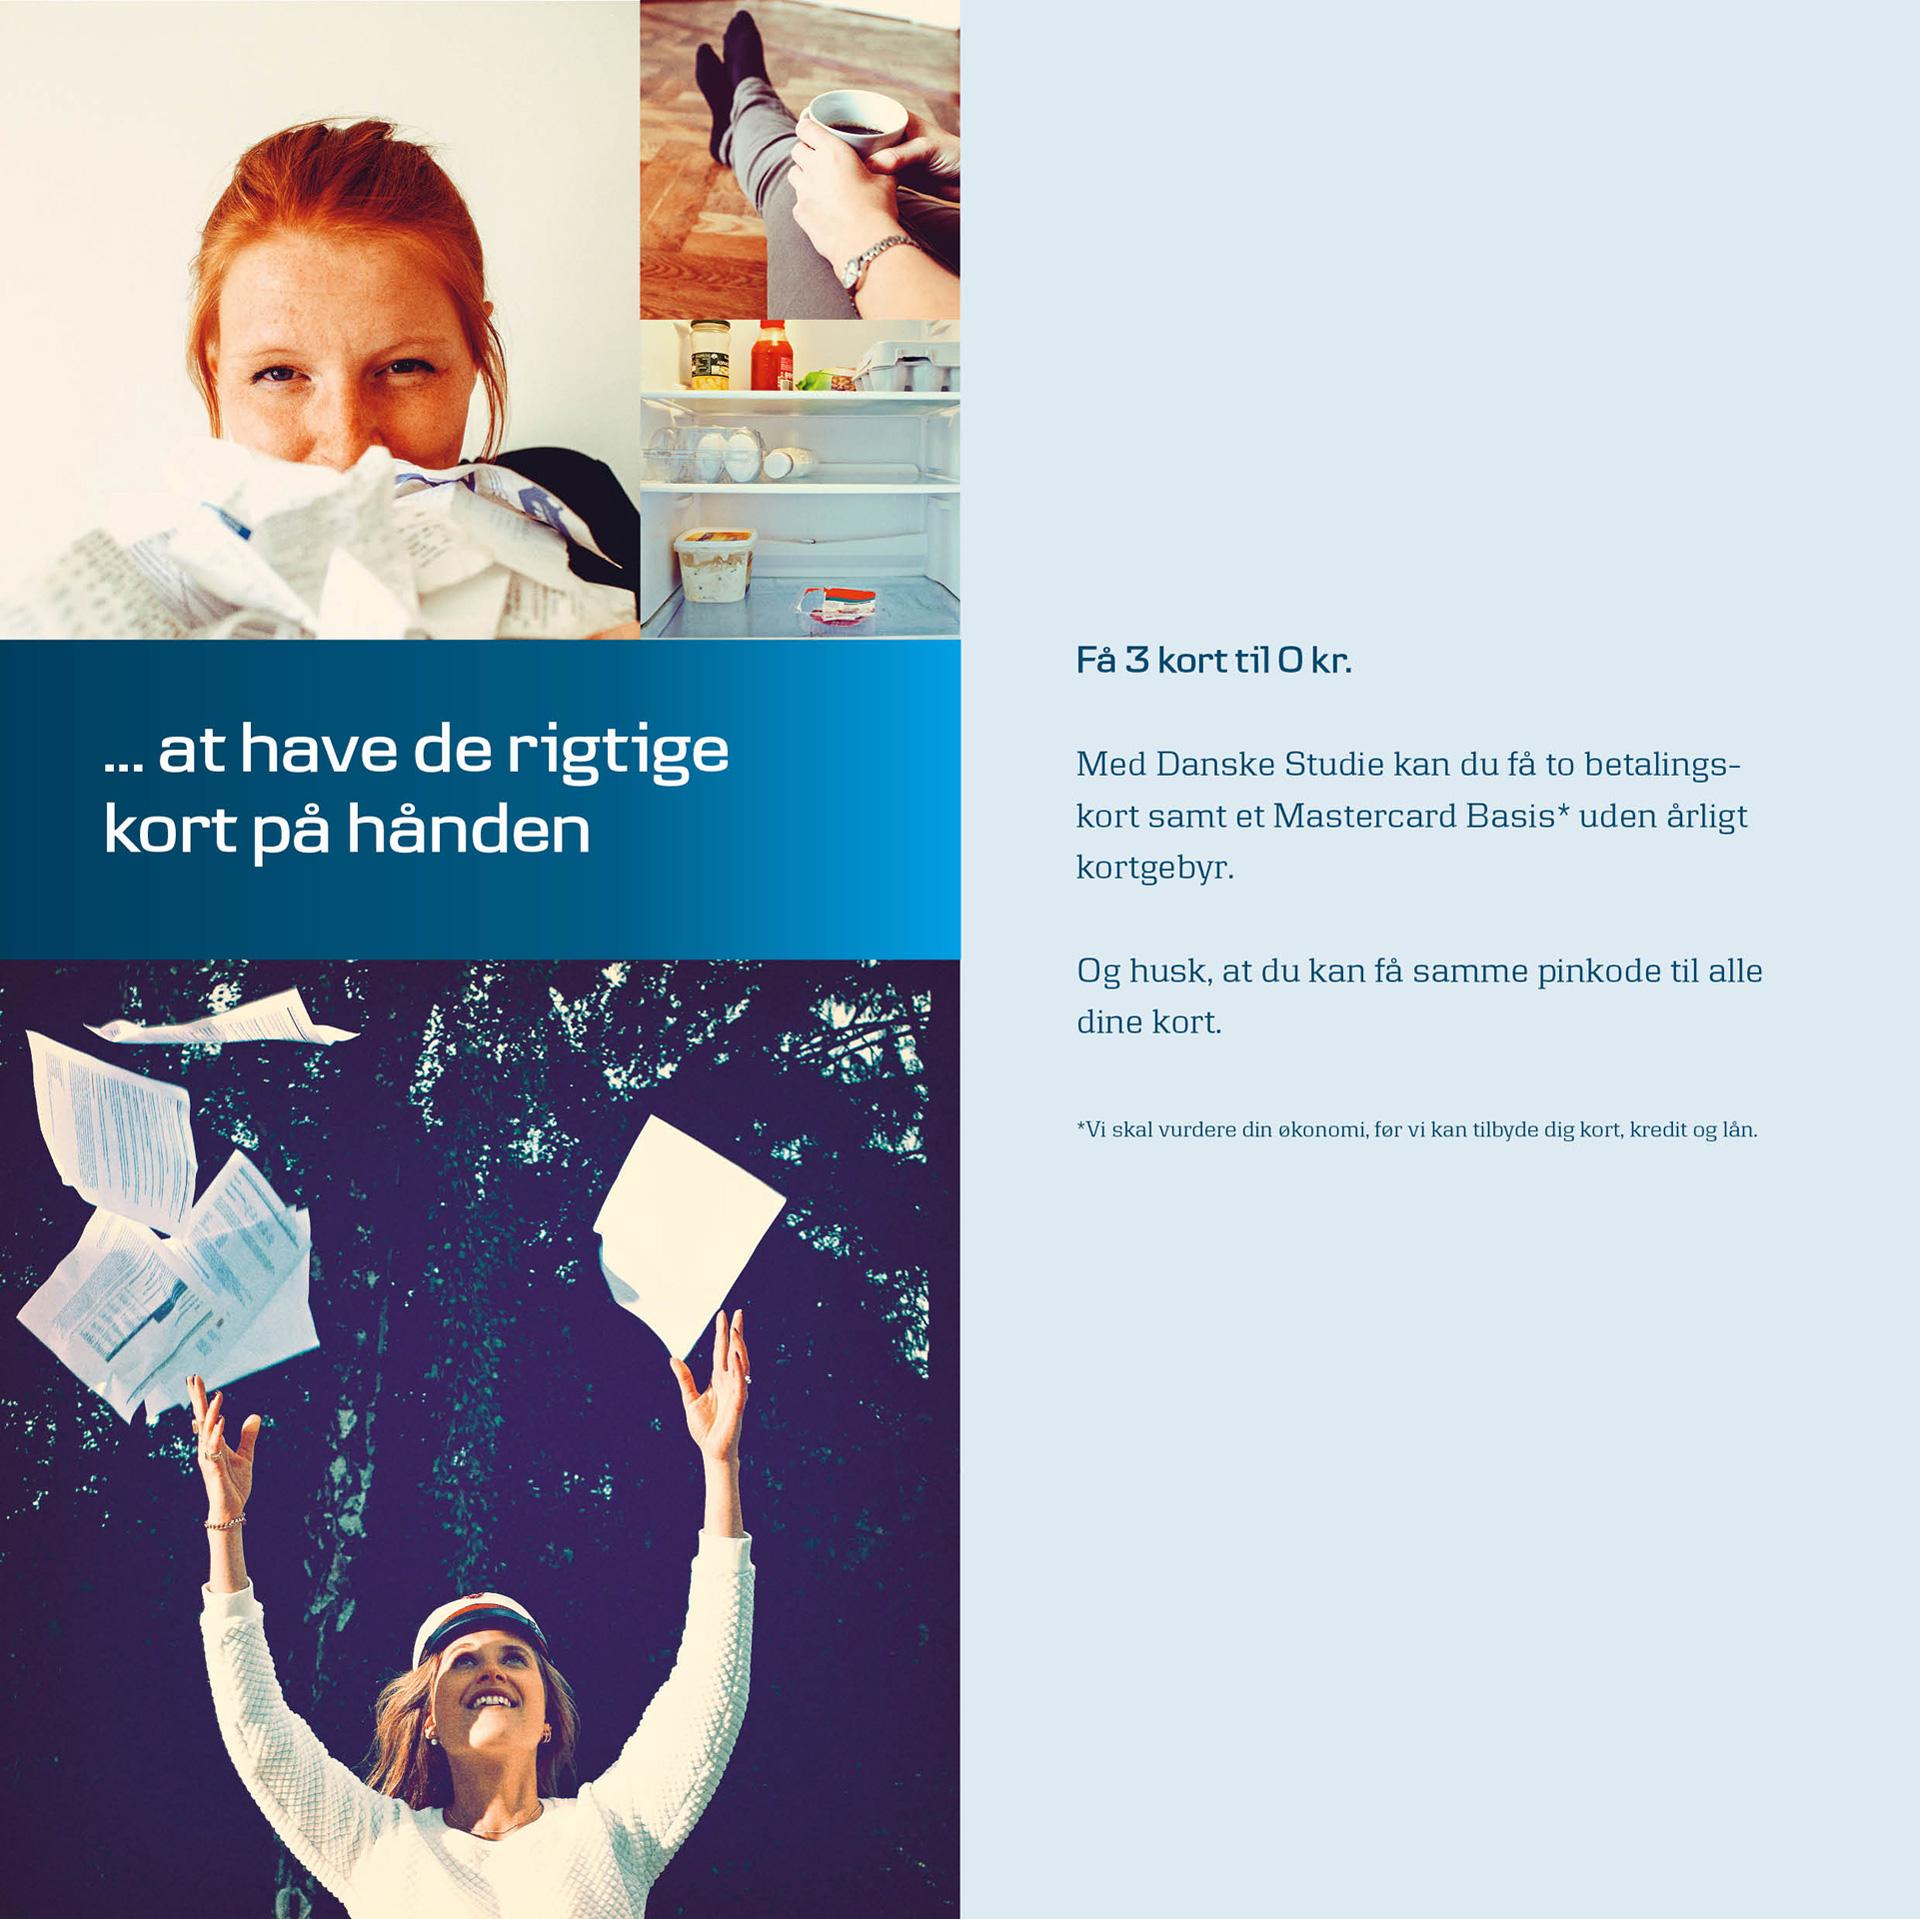 Danske Bank, Youth Programme